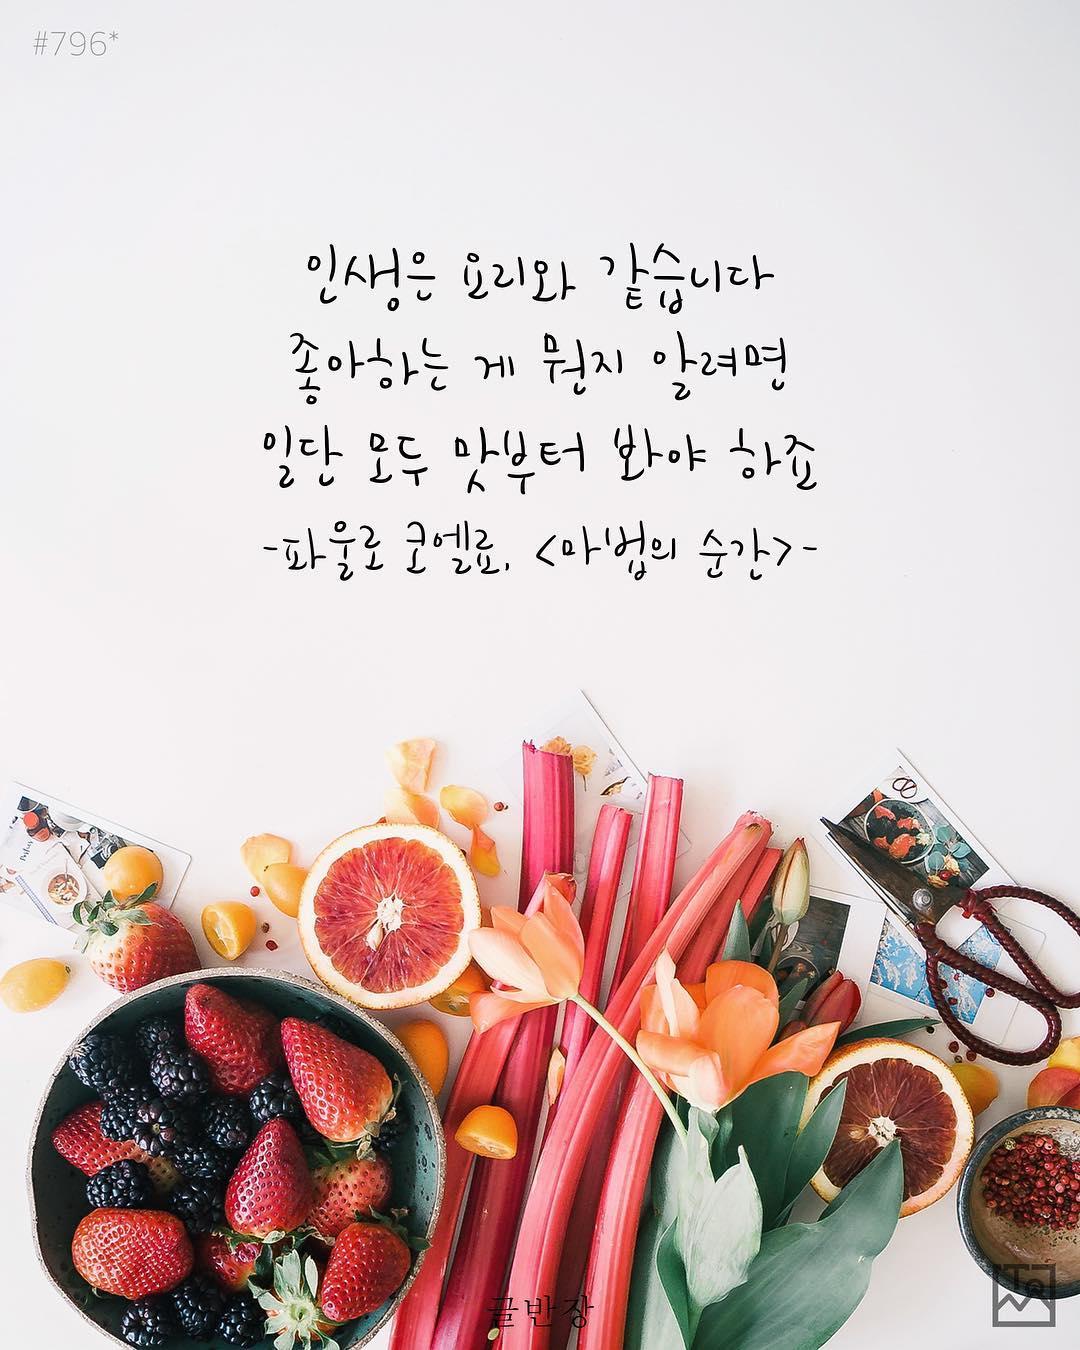 인생은 요리와 같습니다 - 파울로 코엘료(Paulo Coelho), <마법의 순간>